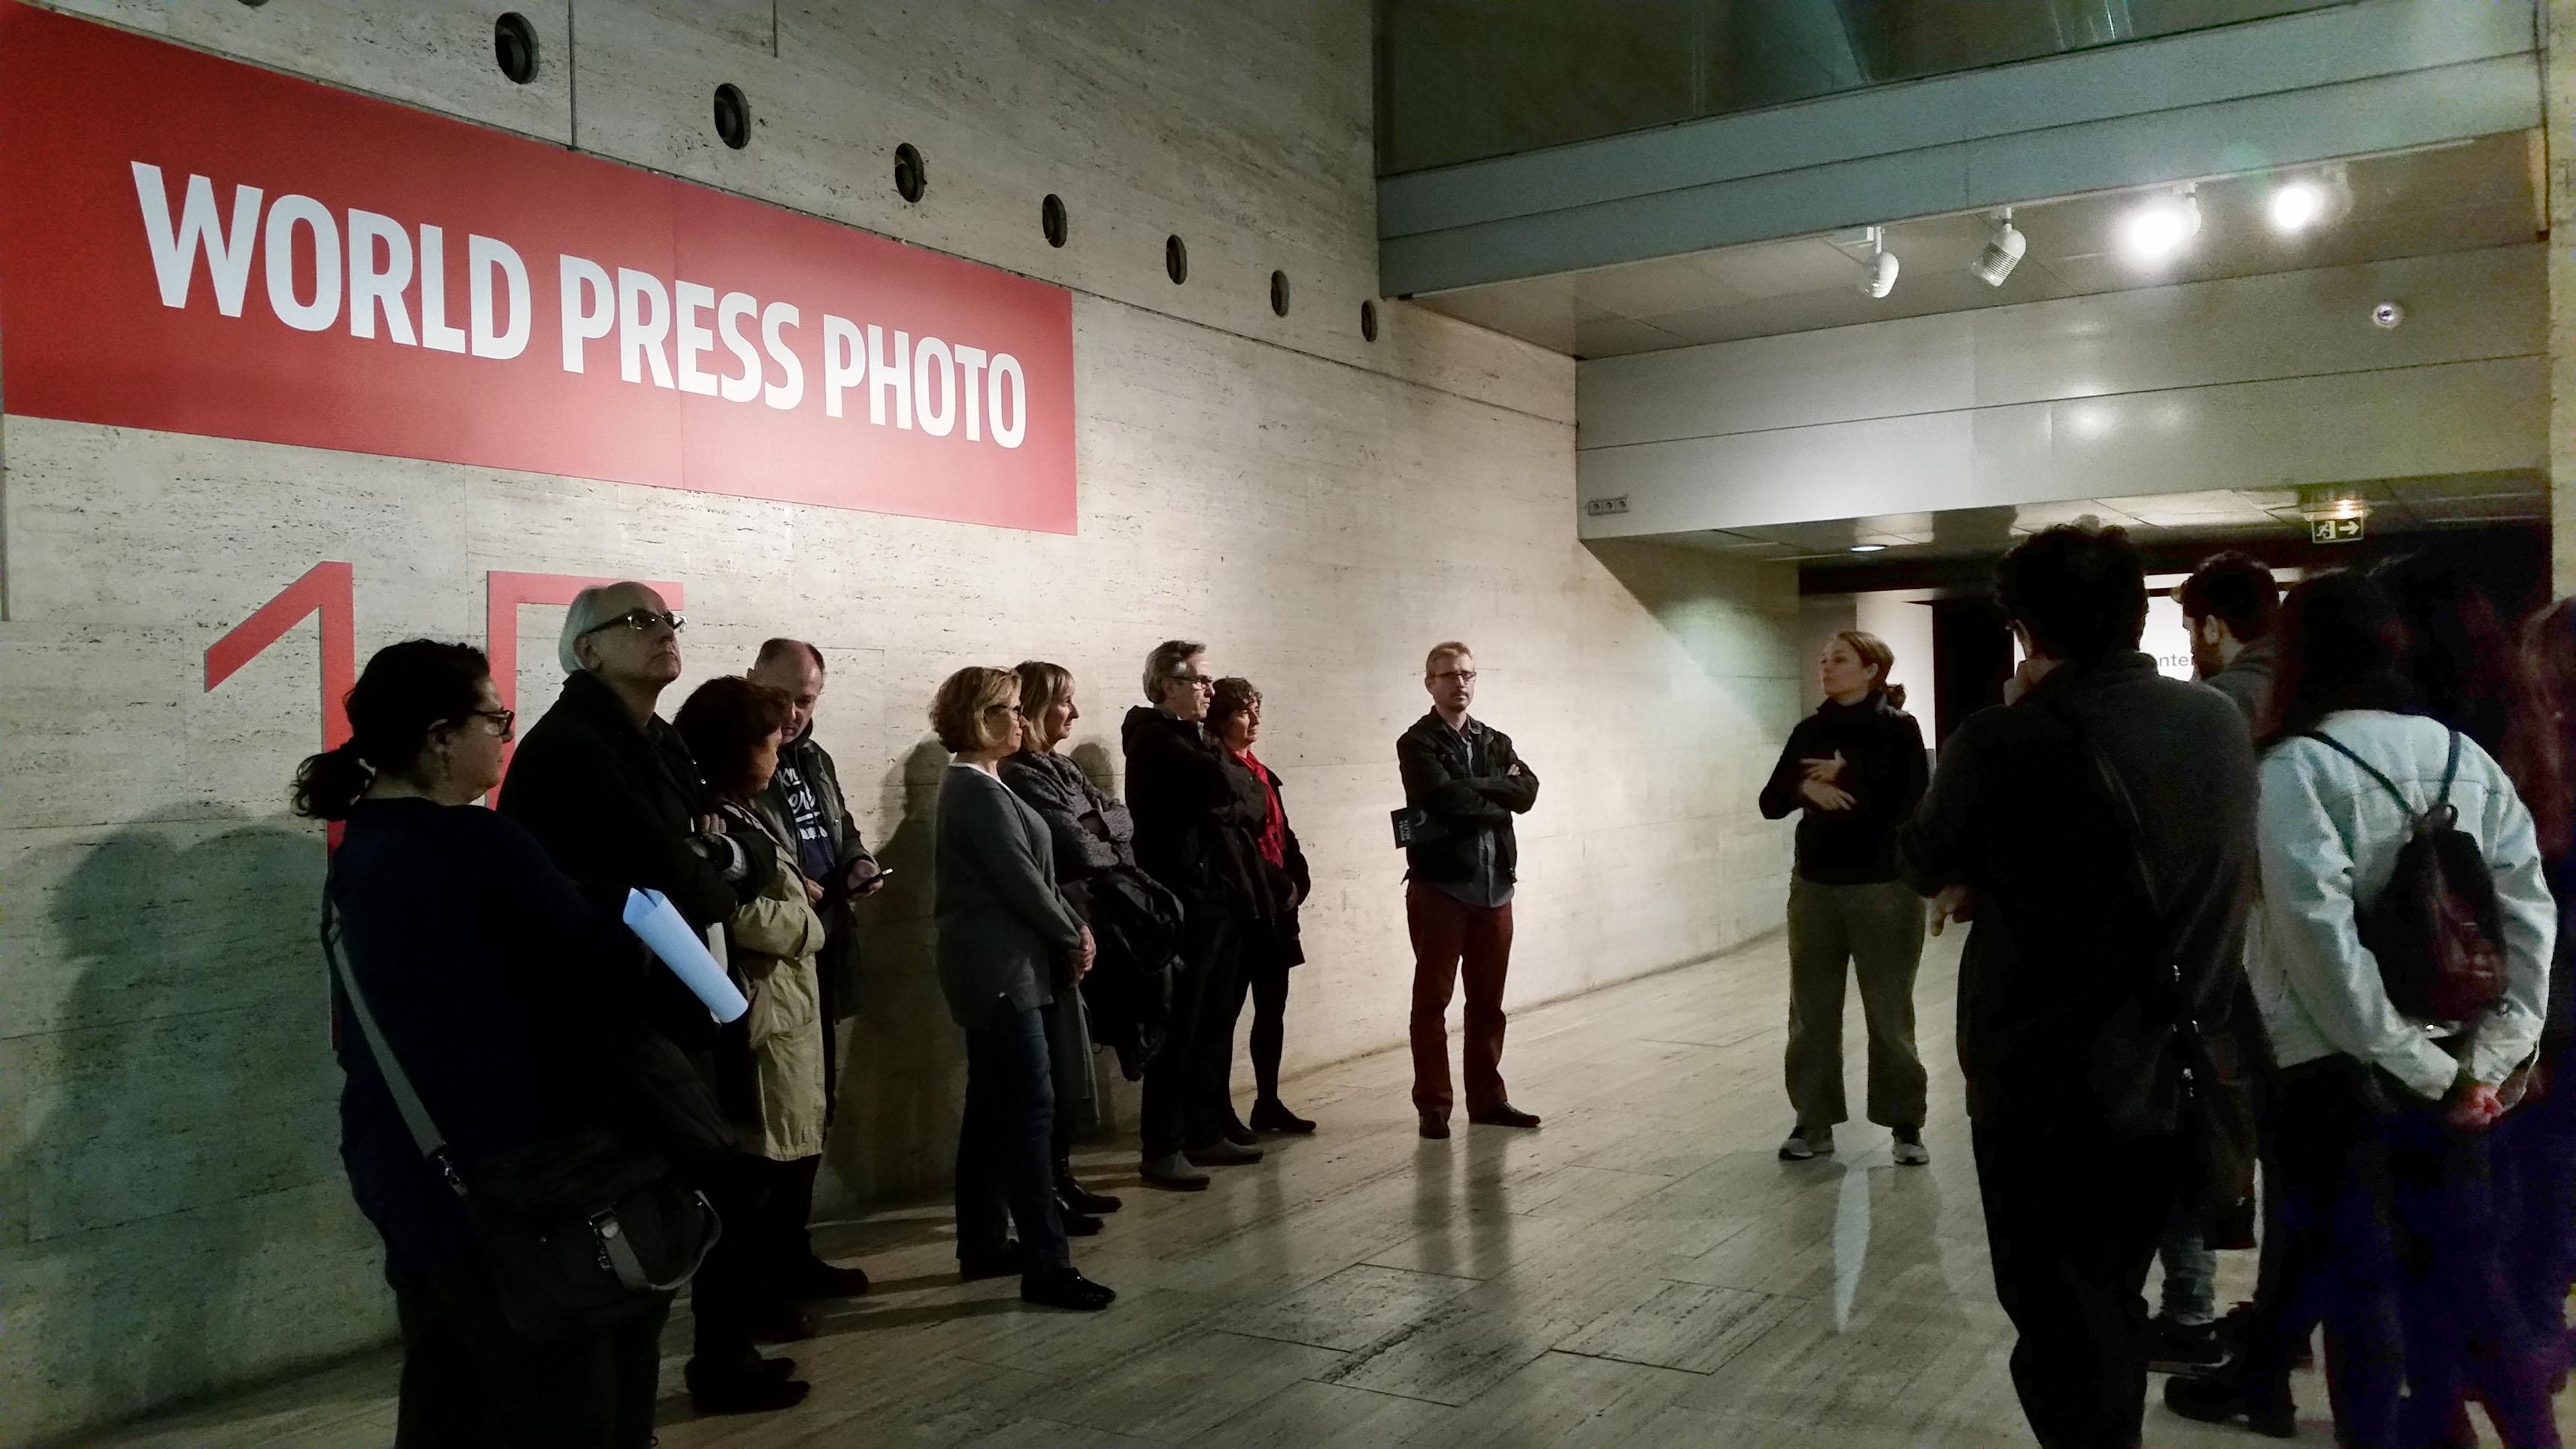 Visita guiada exposició World Press Photo 15 a càrrec de Sílvia Omedes. 24/11/15 CCCB